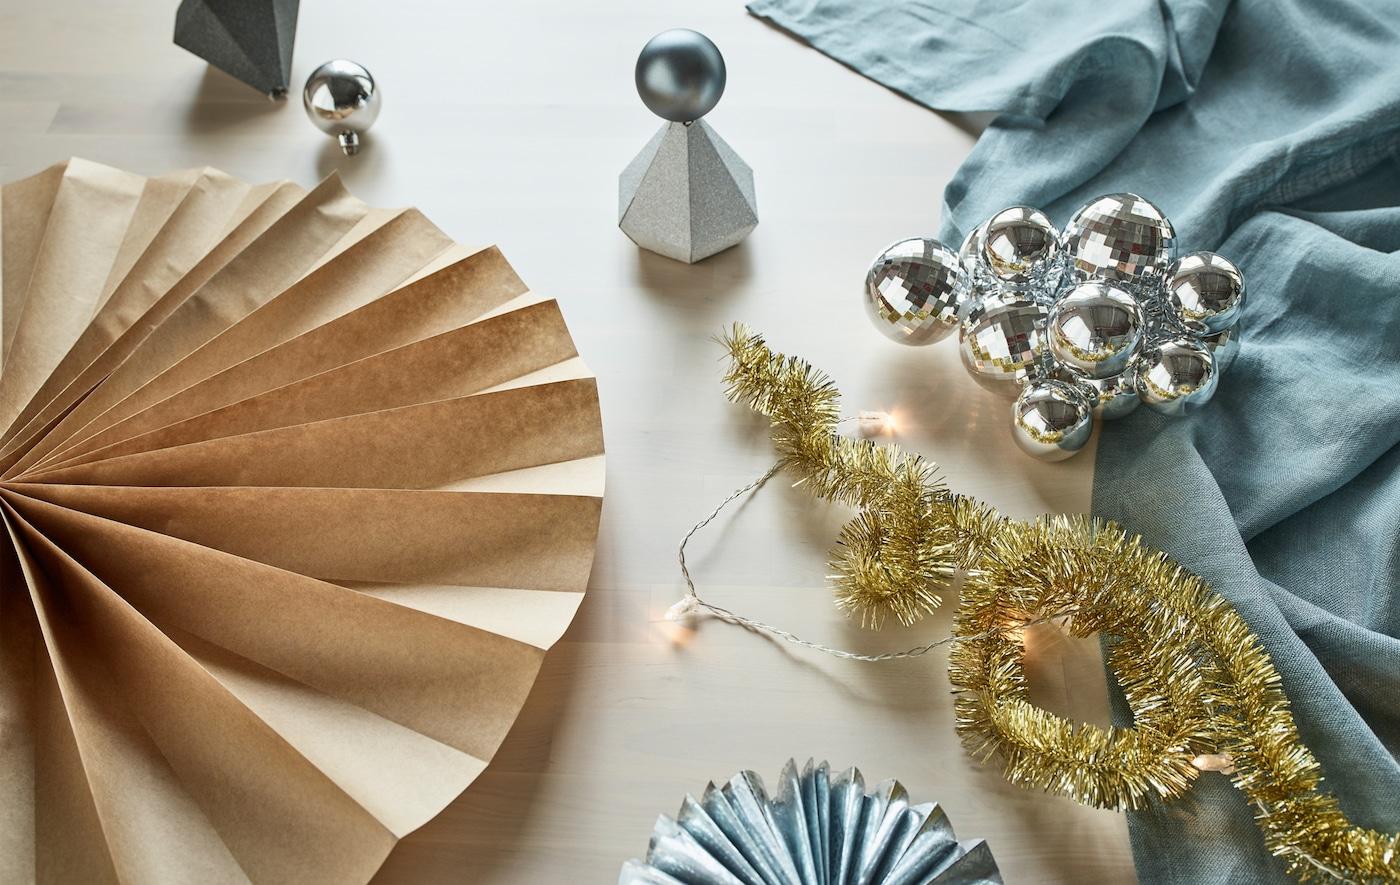 Aus IKEA Weihnachtsdekorationen wie VINTER 2017 Girlande goldfarben, silberfarbenen Geschenkboxen und Weihnachtskugeln, Geschenkpapier und Co. lassen sich wunderbare Dekorationen für Silvester zaubern. Wir zeigen dir, wie du sie in Wanddeko, Tischdeko und Faltblumen aus Papier verwandelst.